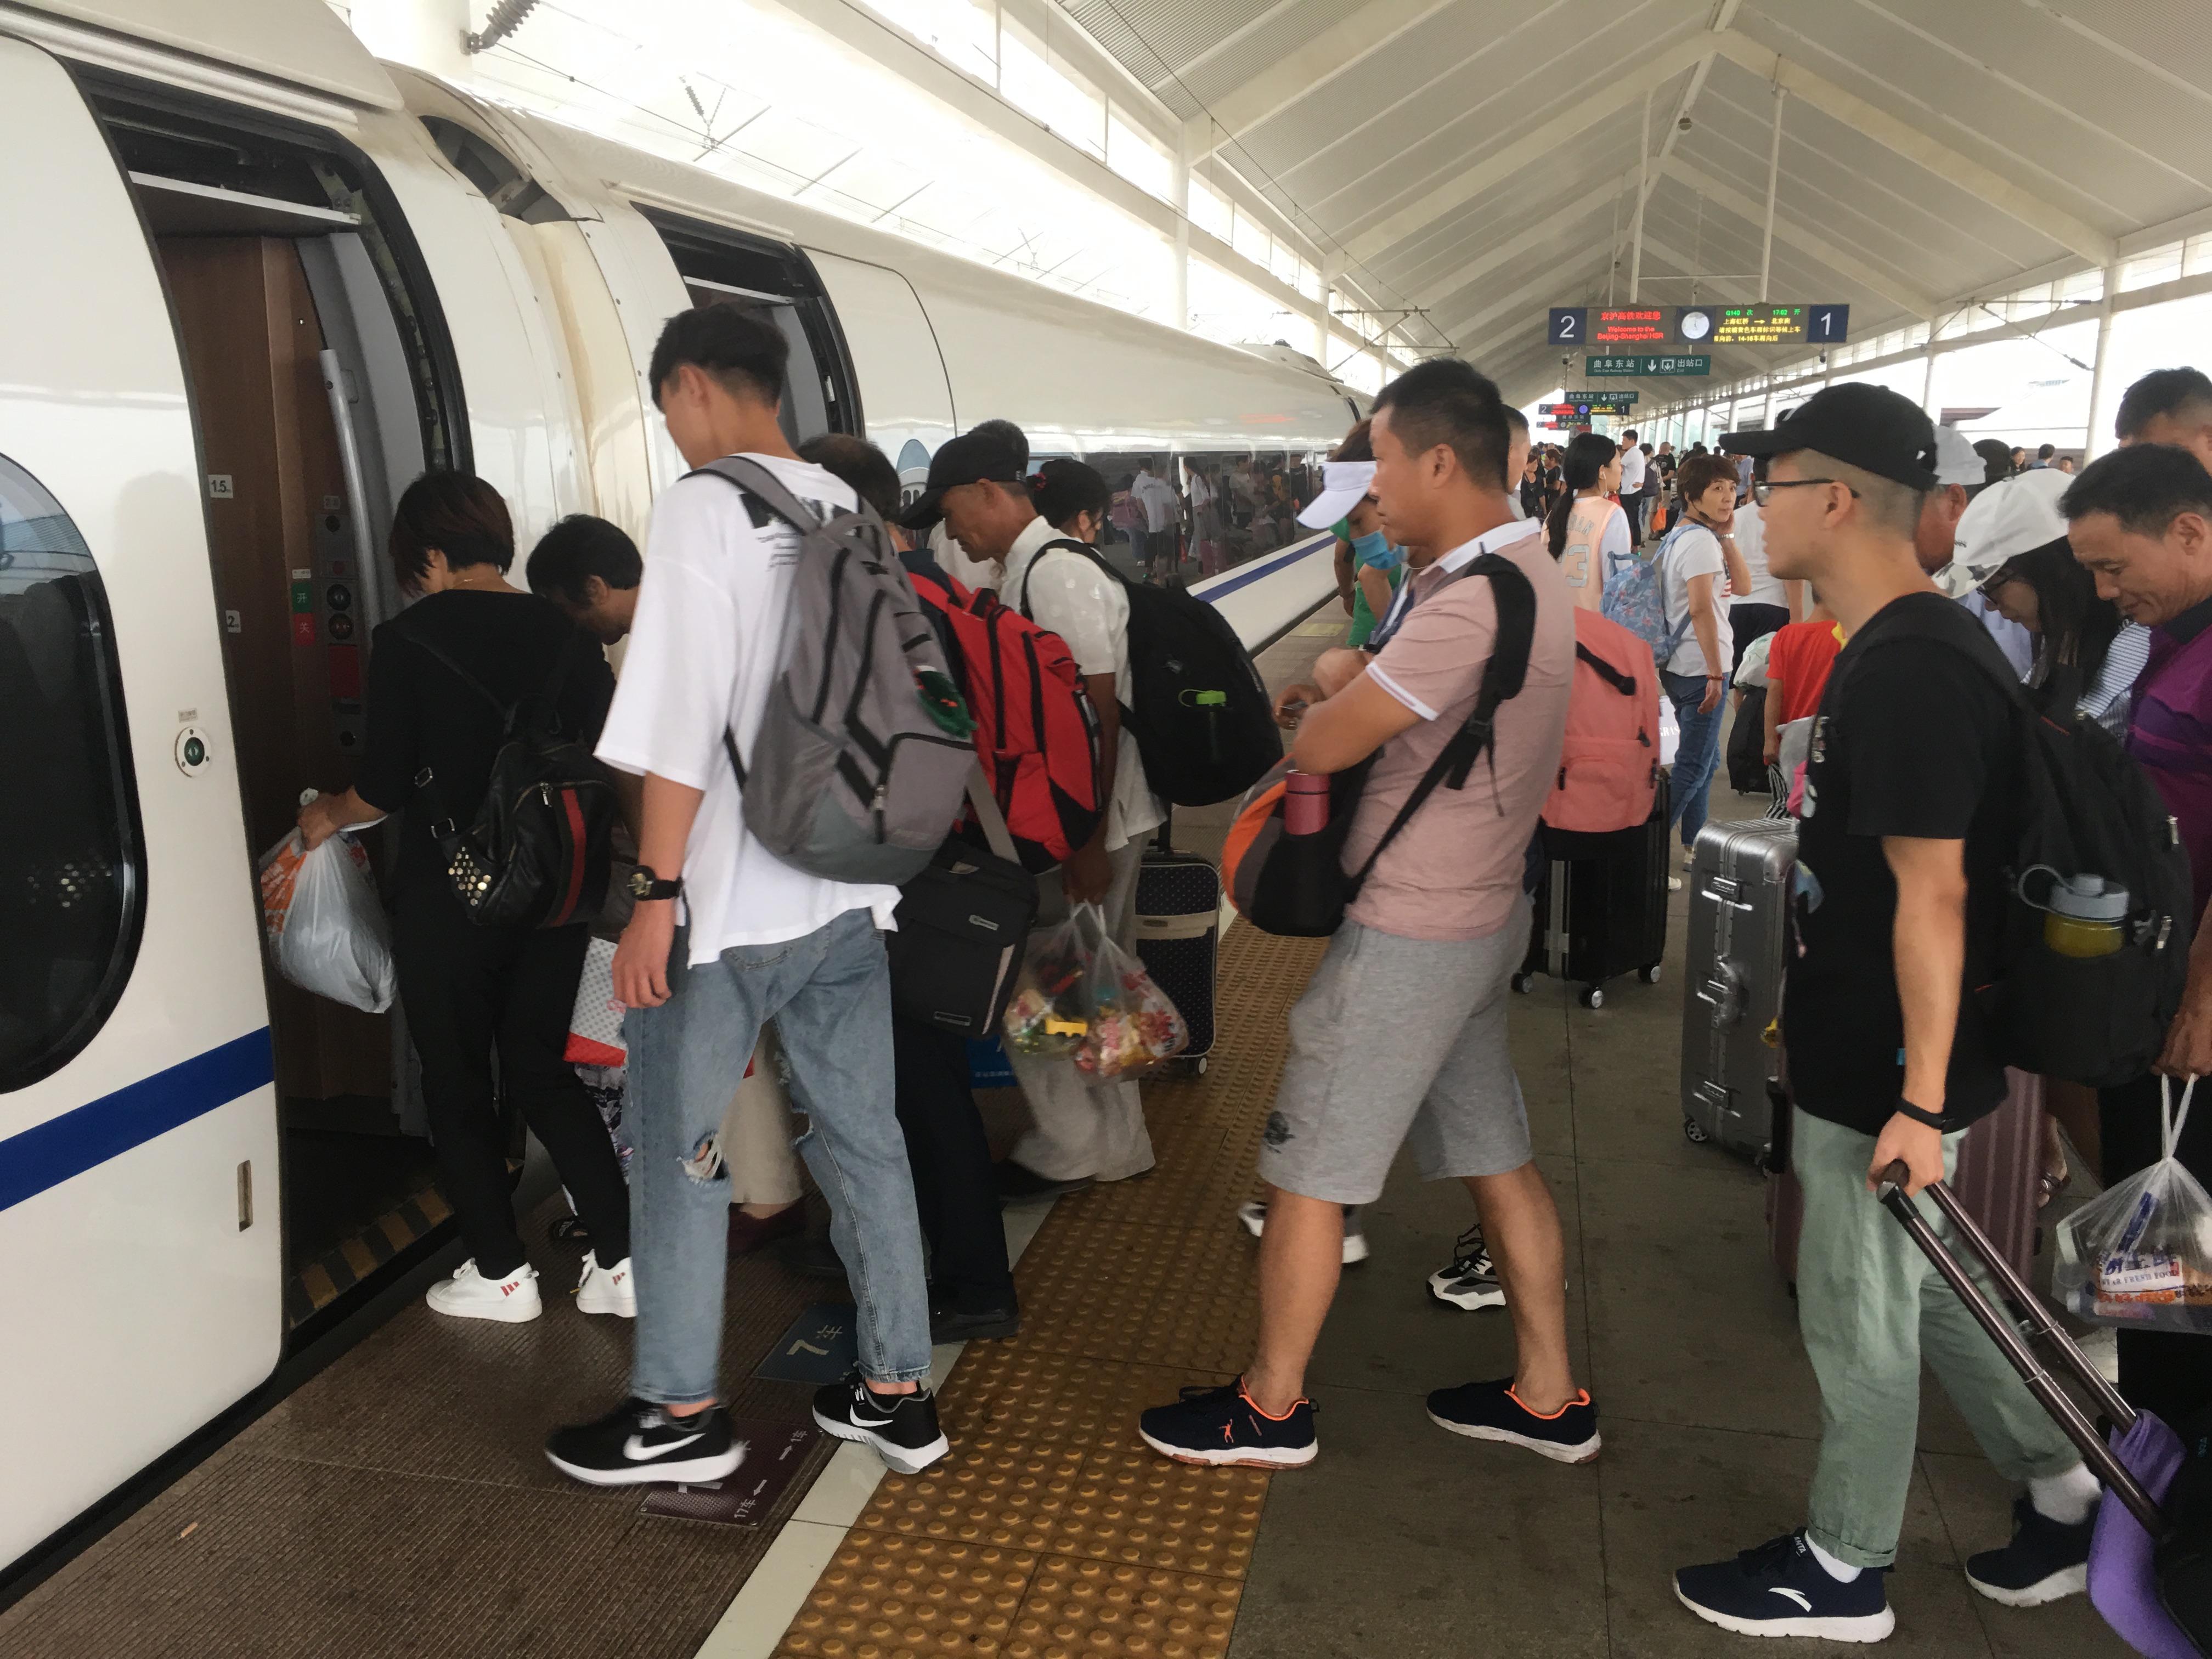 济宁铁路掀起暑运客流高峰 各火车站为学生开辟绿色通道